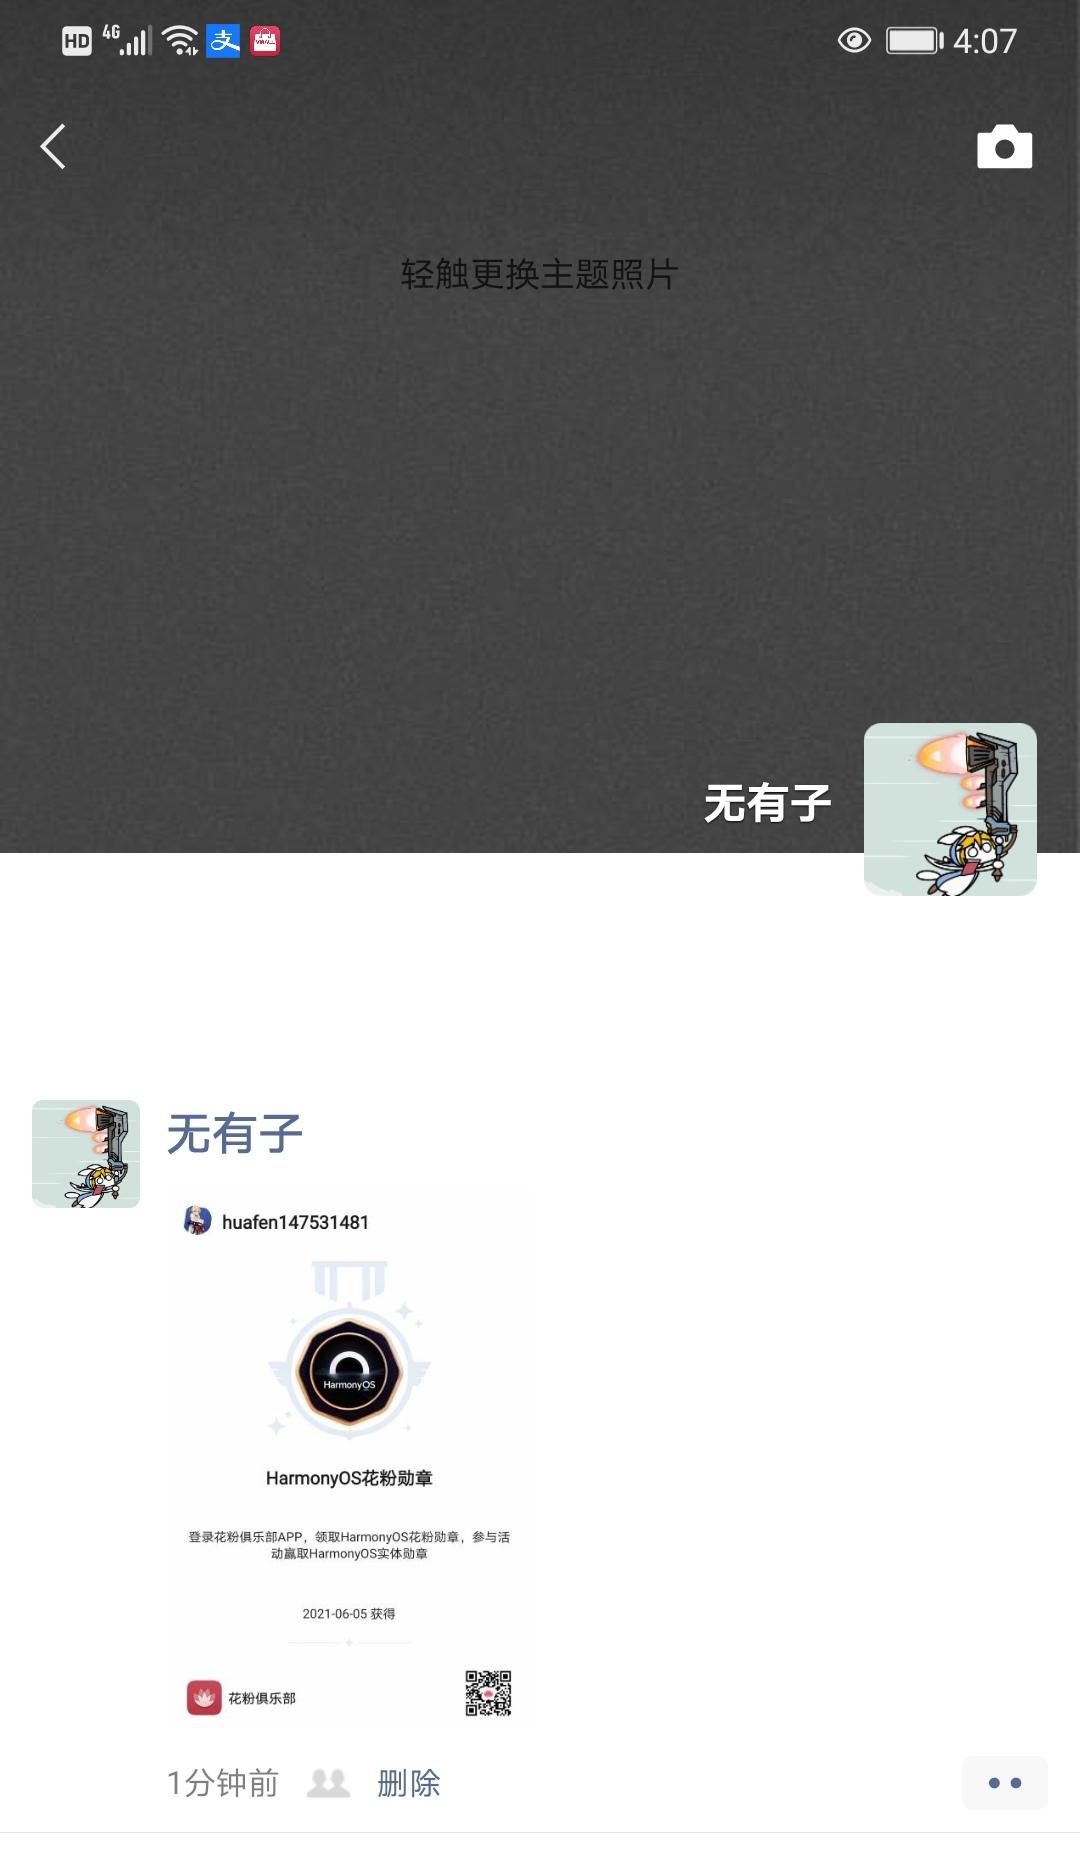 Screenshot_20210608_040731_com.tencent.mm_edit_291668568259140.jpg